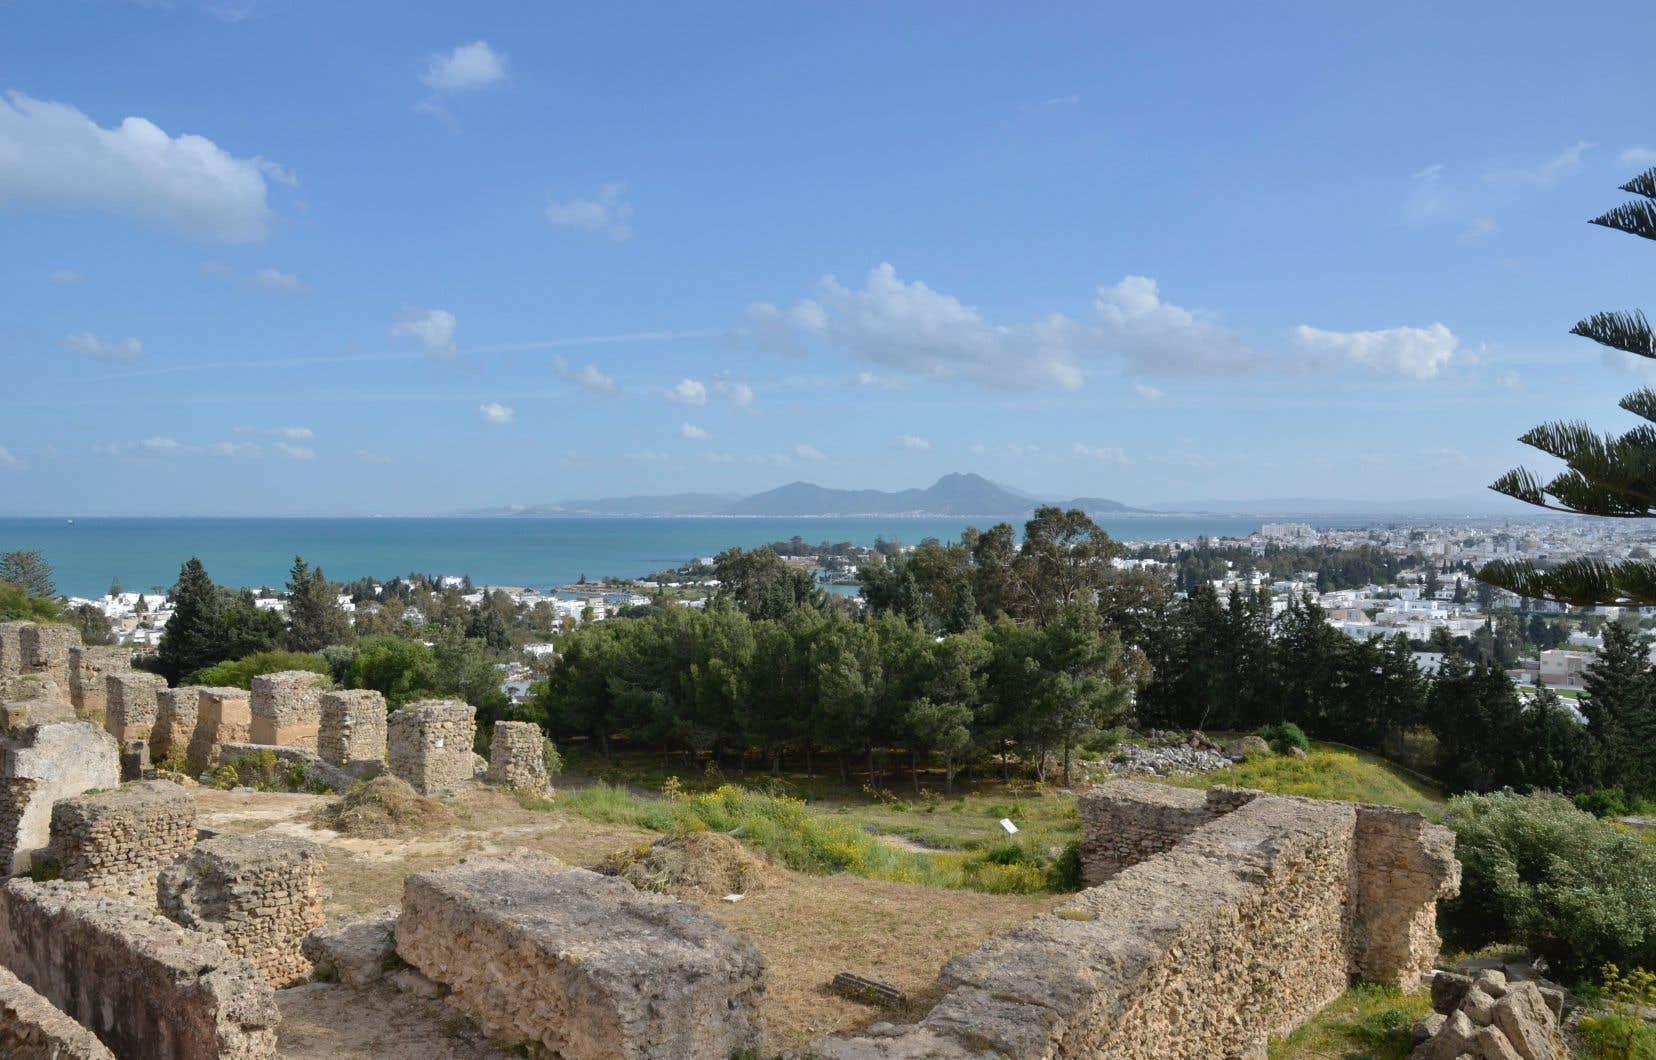 Les olives sont dans l'ADN des Tunisiens depuis la fondation de Carthage.